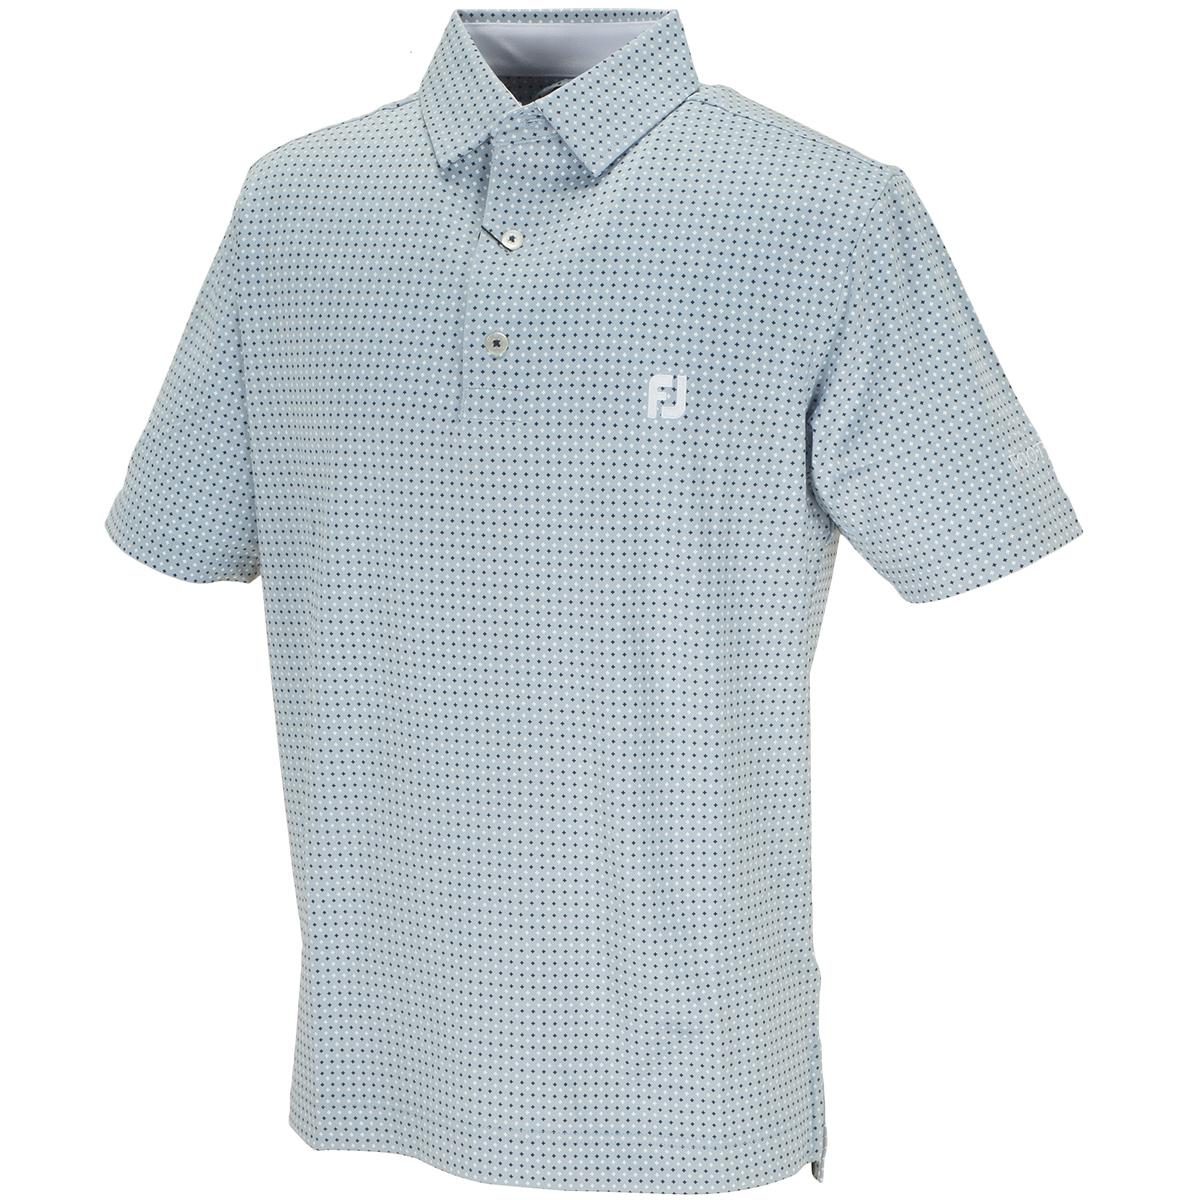 Xプリント ライル半袖ポロシャツ